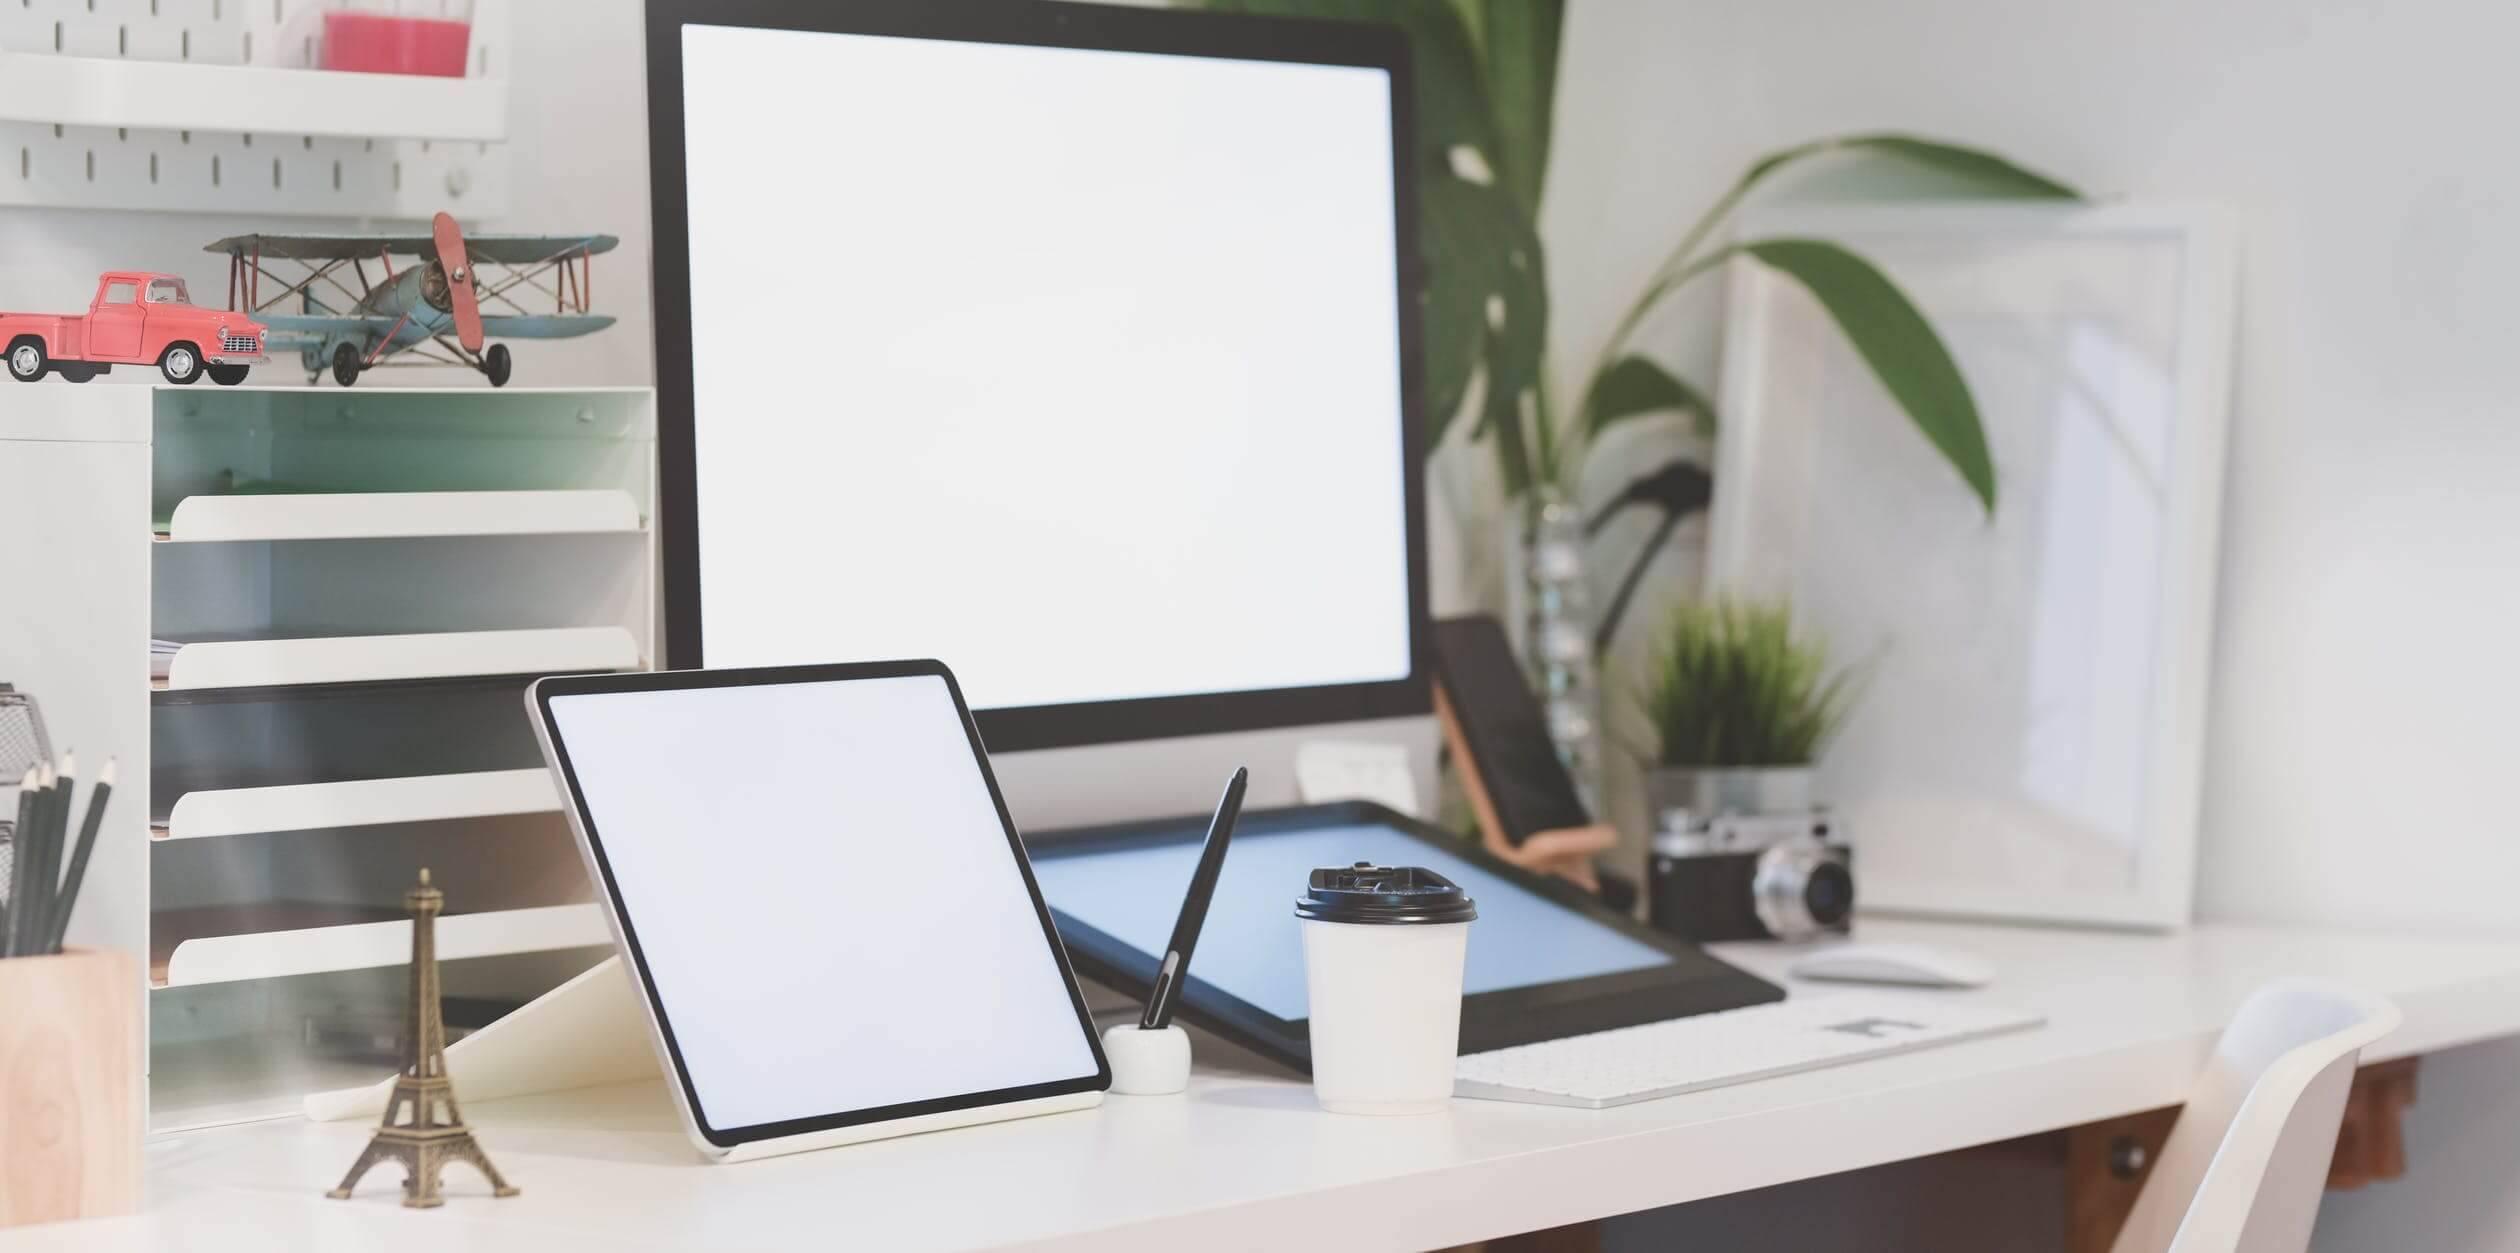 Kakšno velikost zaslona naj izbrem?